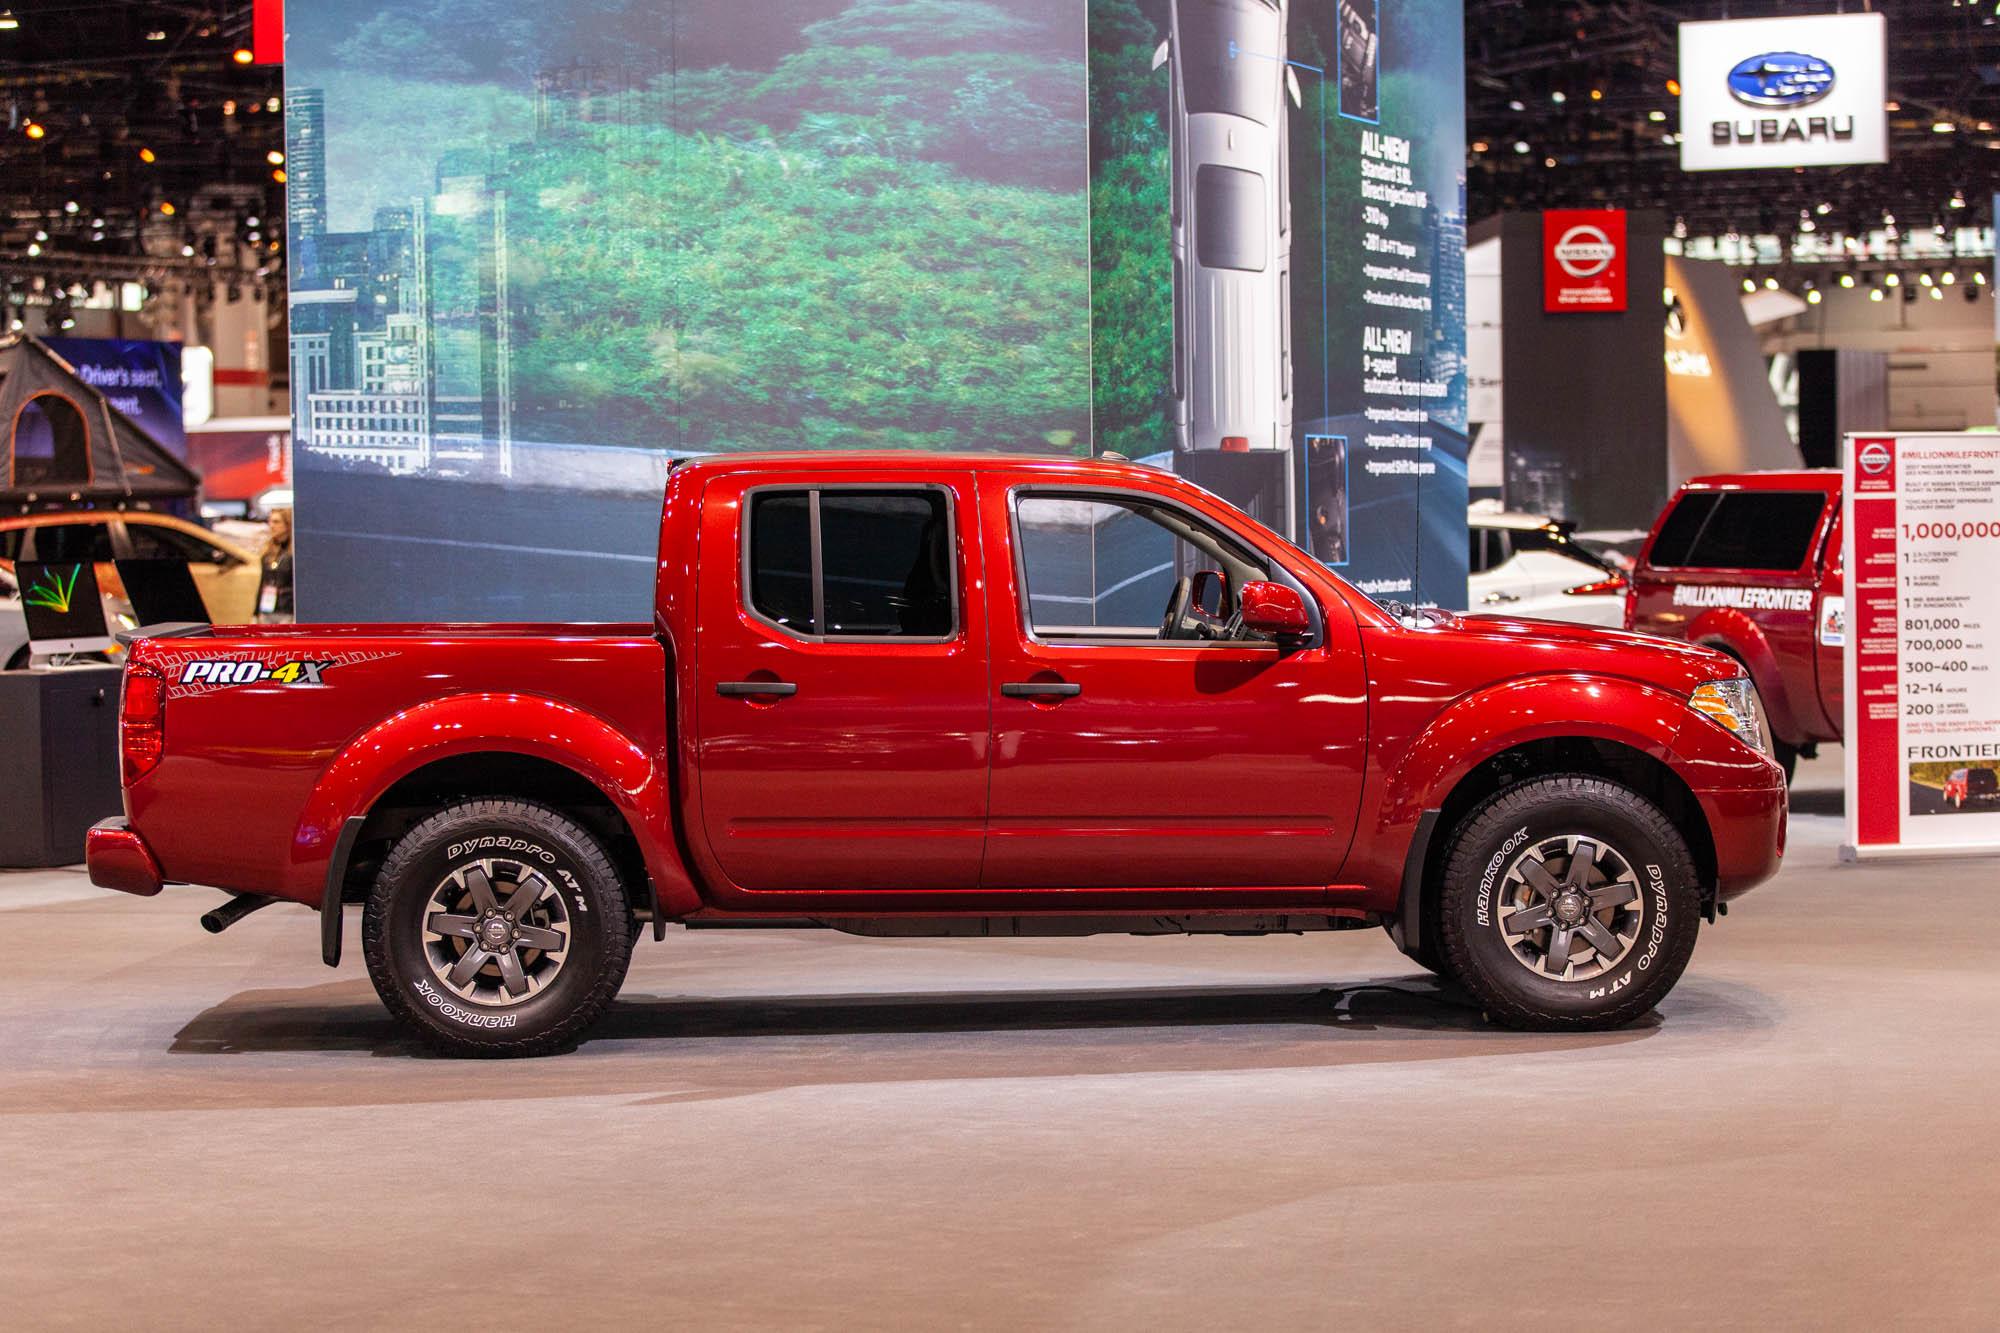 2020 Nissan Frontier update